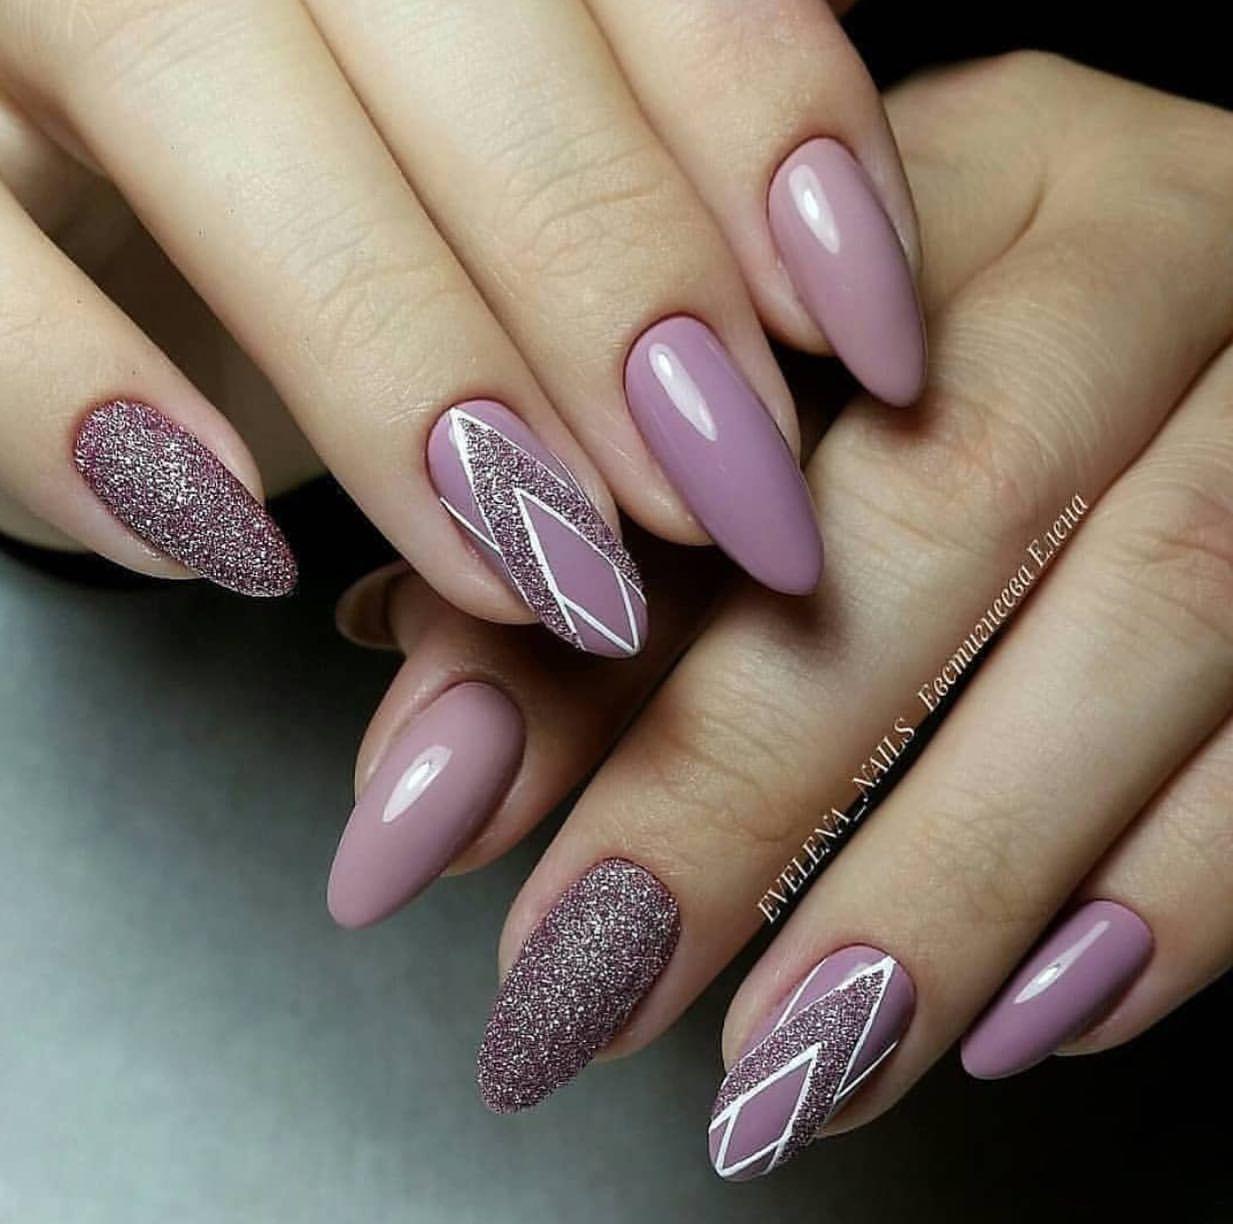 Форма ногтей Подбираем для Вас правильную форму Идеальный Ма